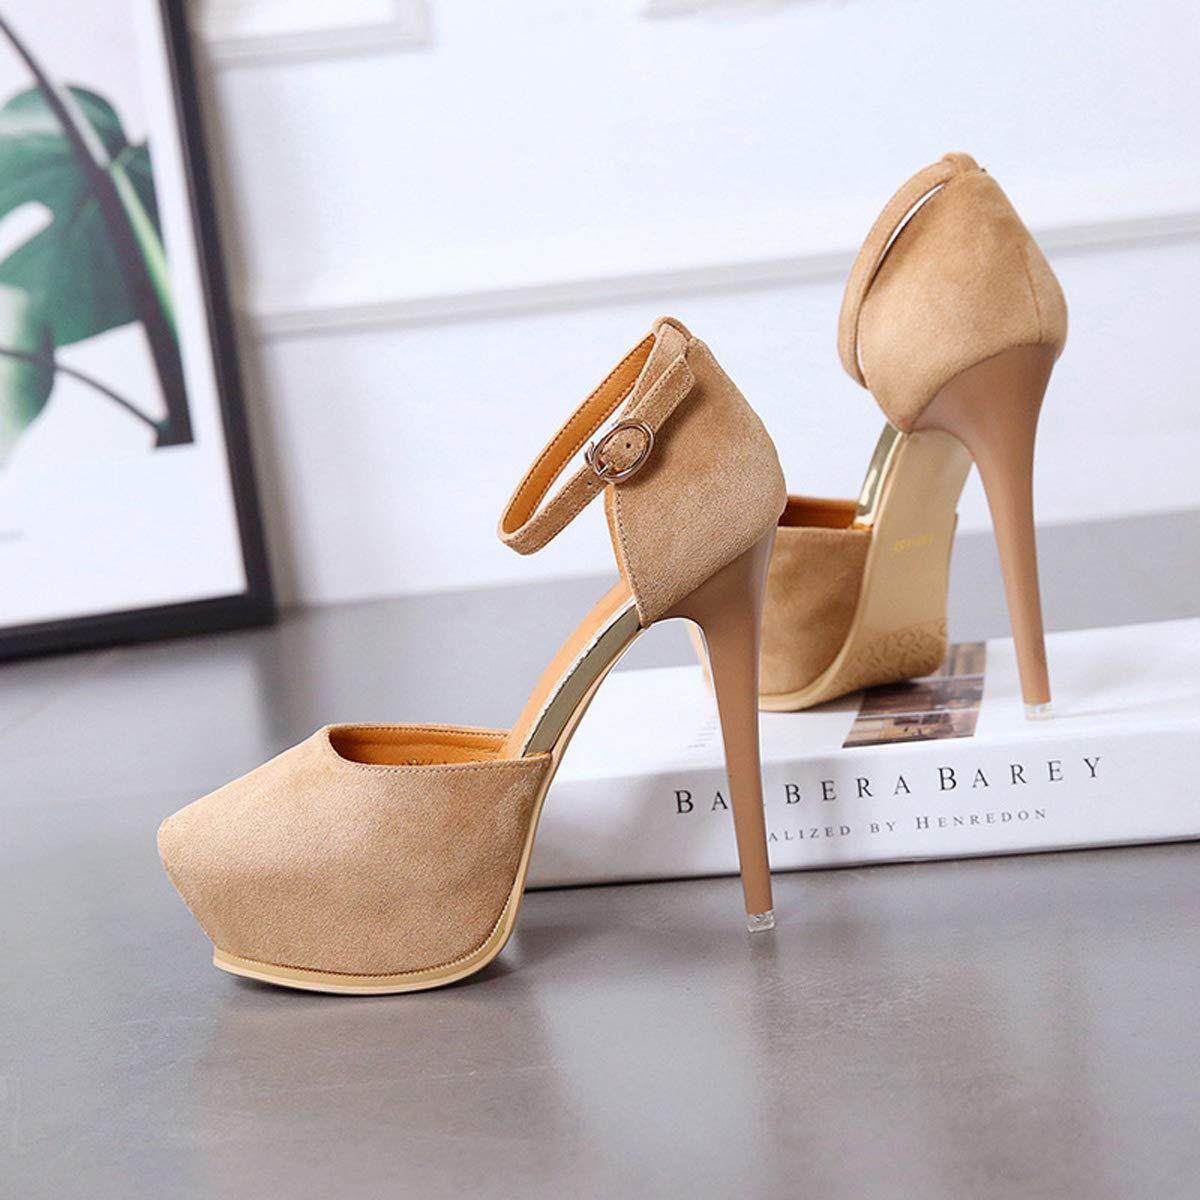 DANDANJIE Damen High Heel Schuhe mit Knöchelriemen Plateau Stiletto Sexy Sexy Sexy Schuhe für Frühling 2019 ff2093